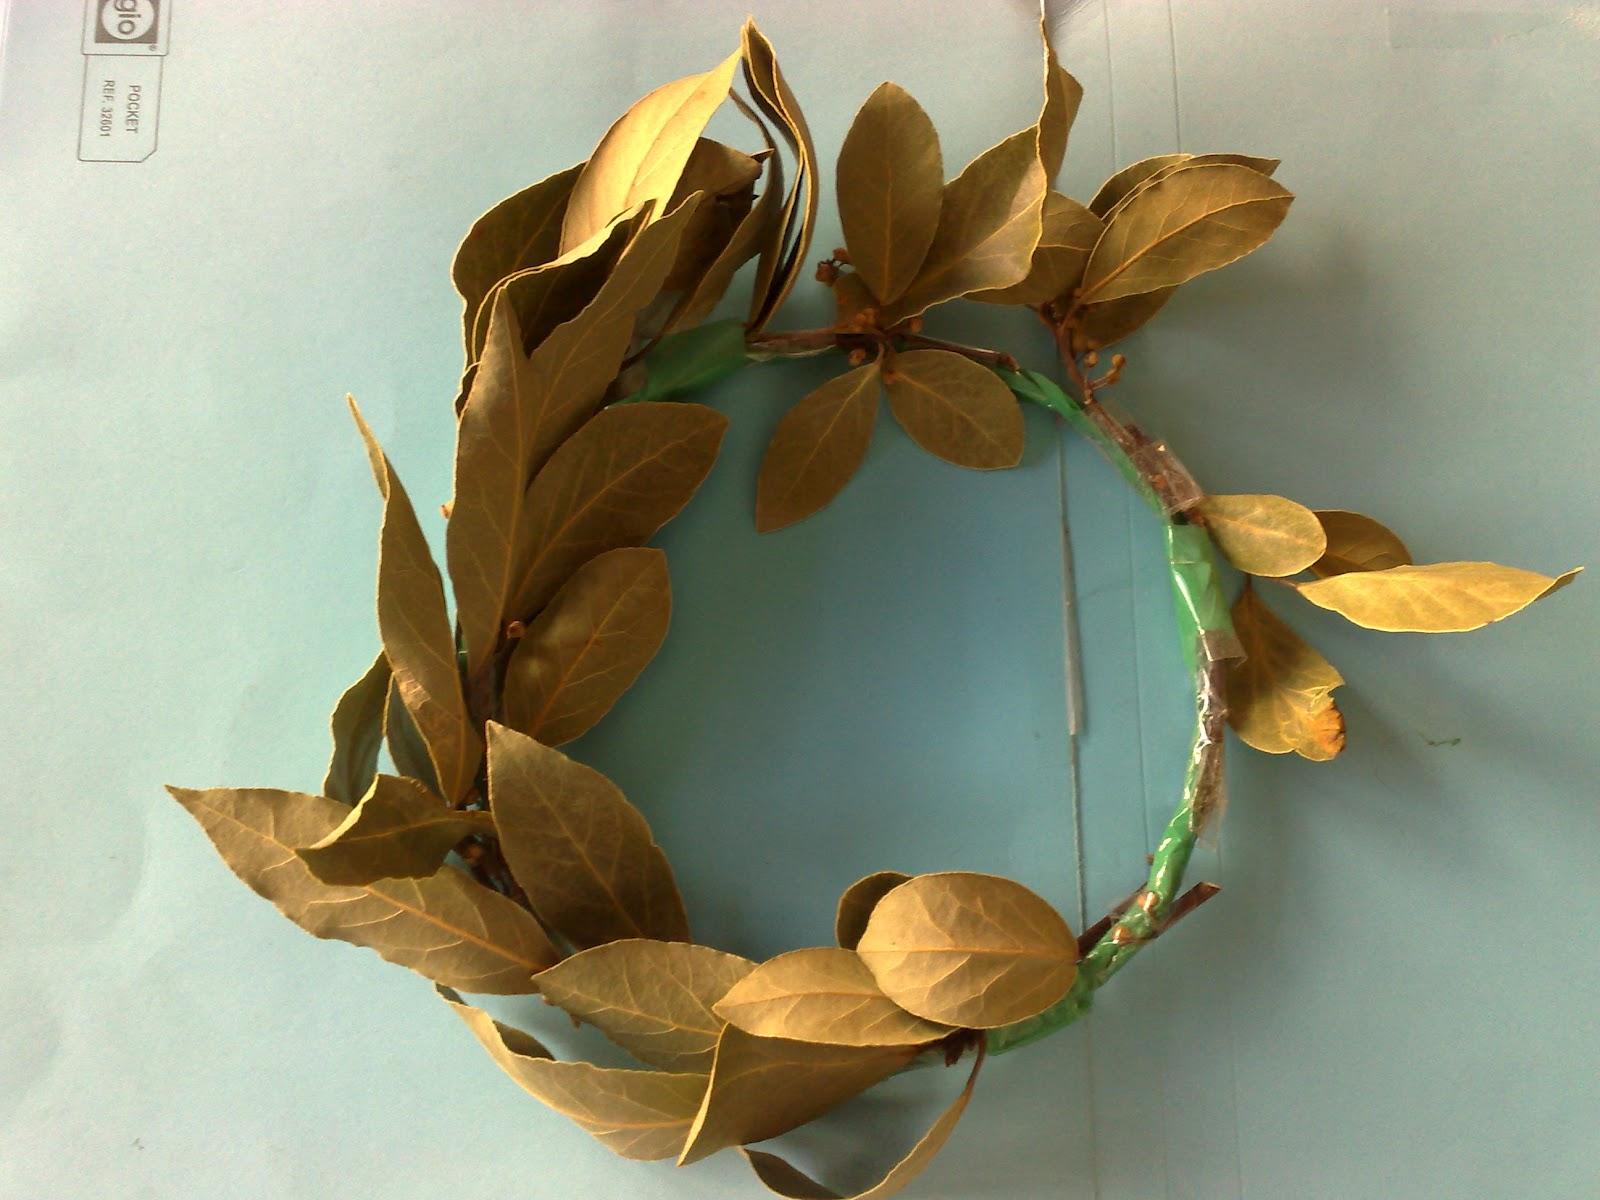 Resultado de imagen para corona de olivos